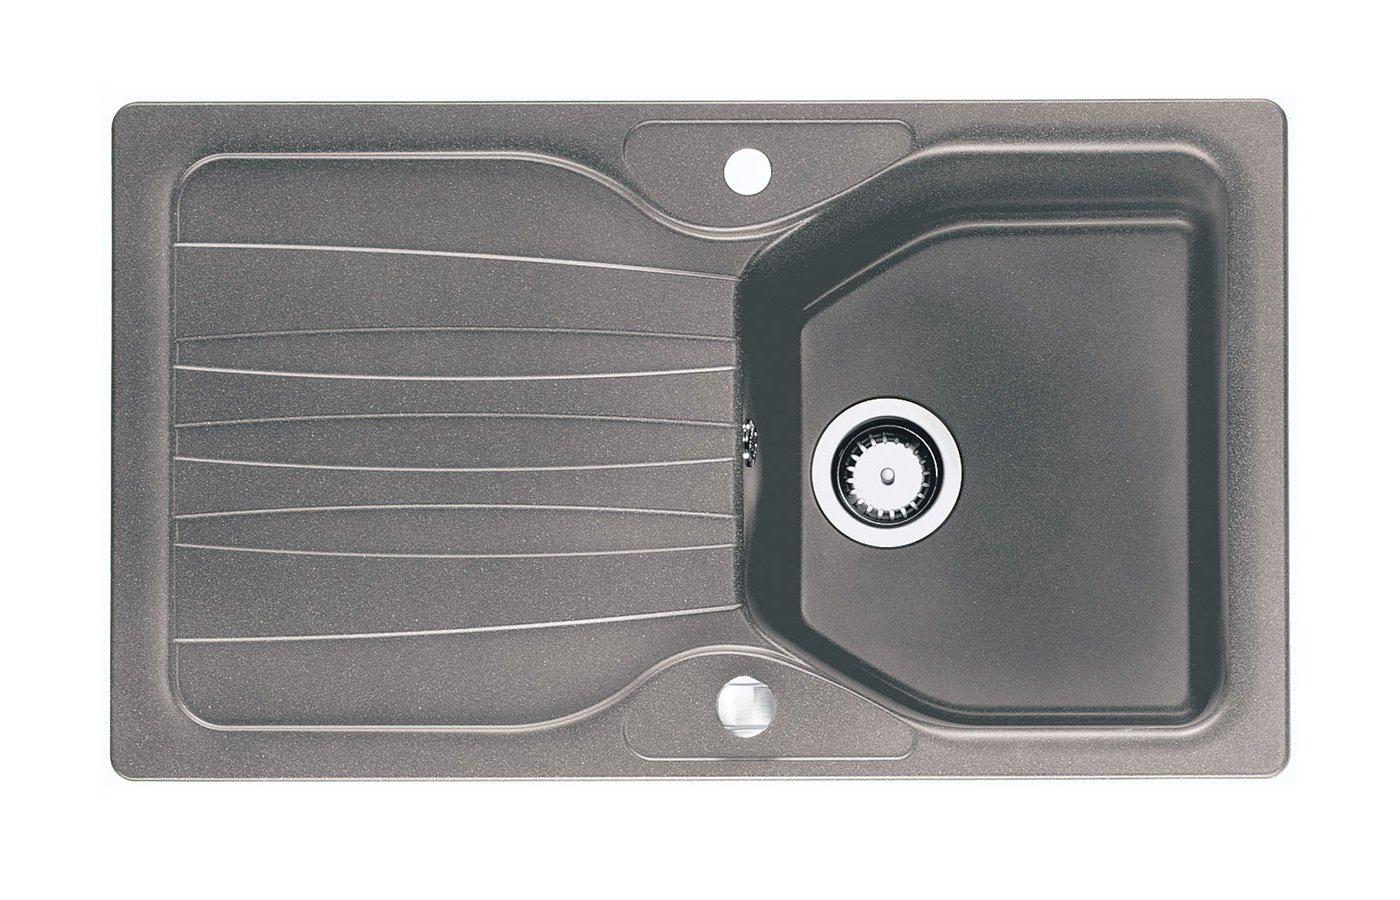 Кухонная мойка FRANKE COG 611 серебро